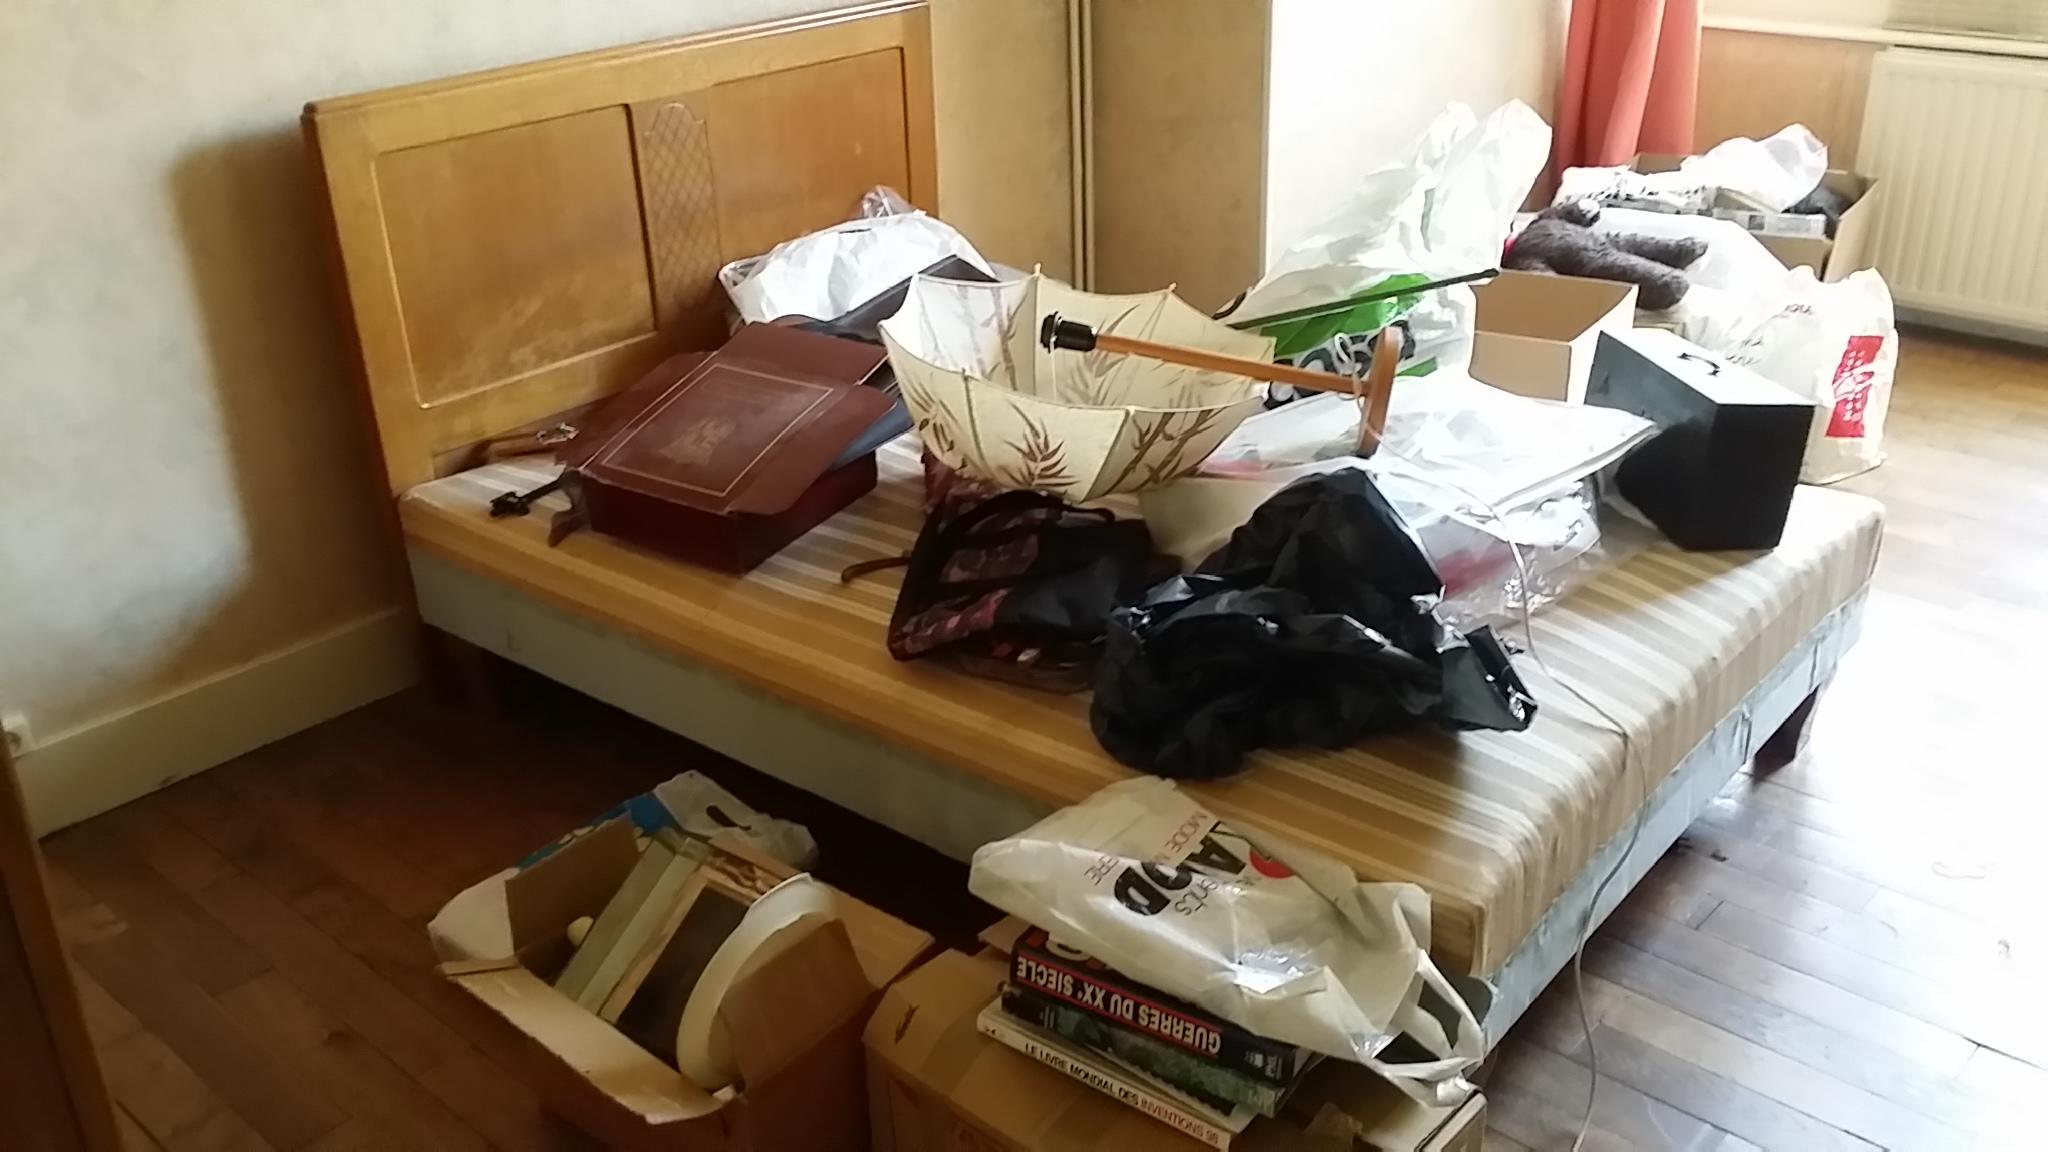 Une chambre à débarrasser....